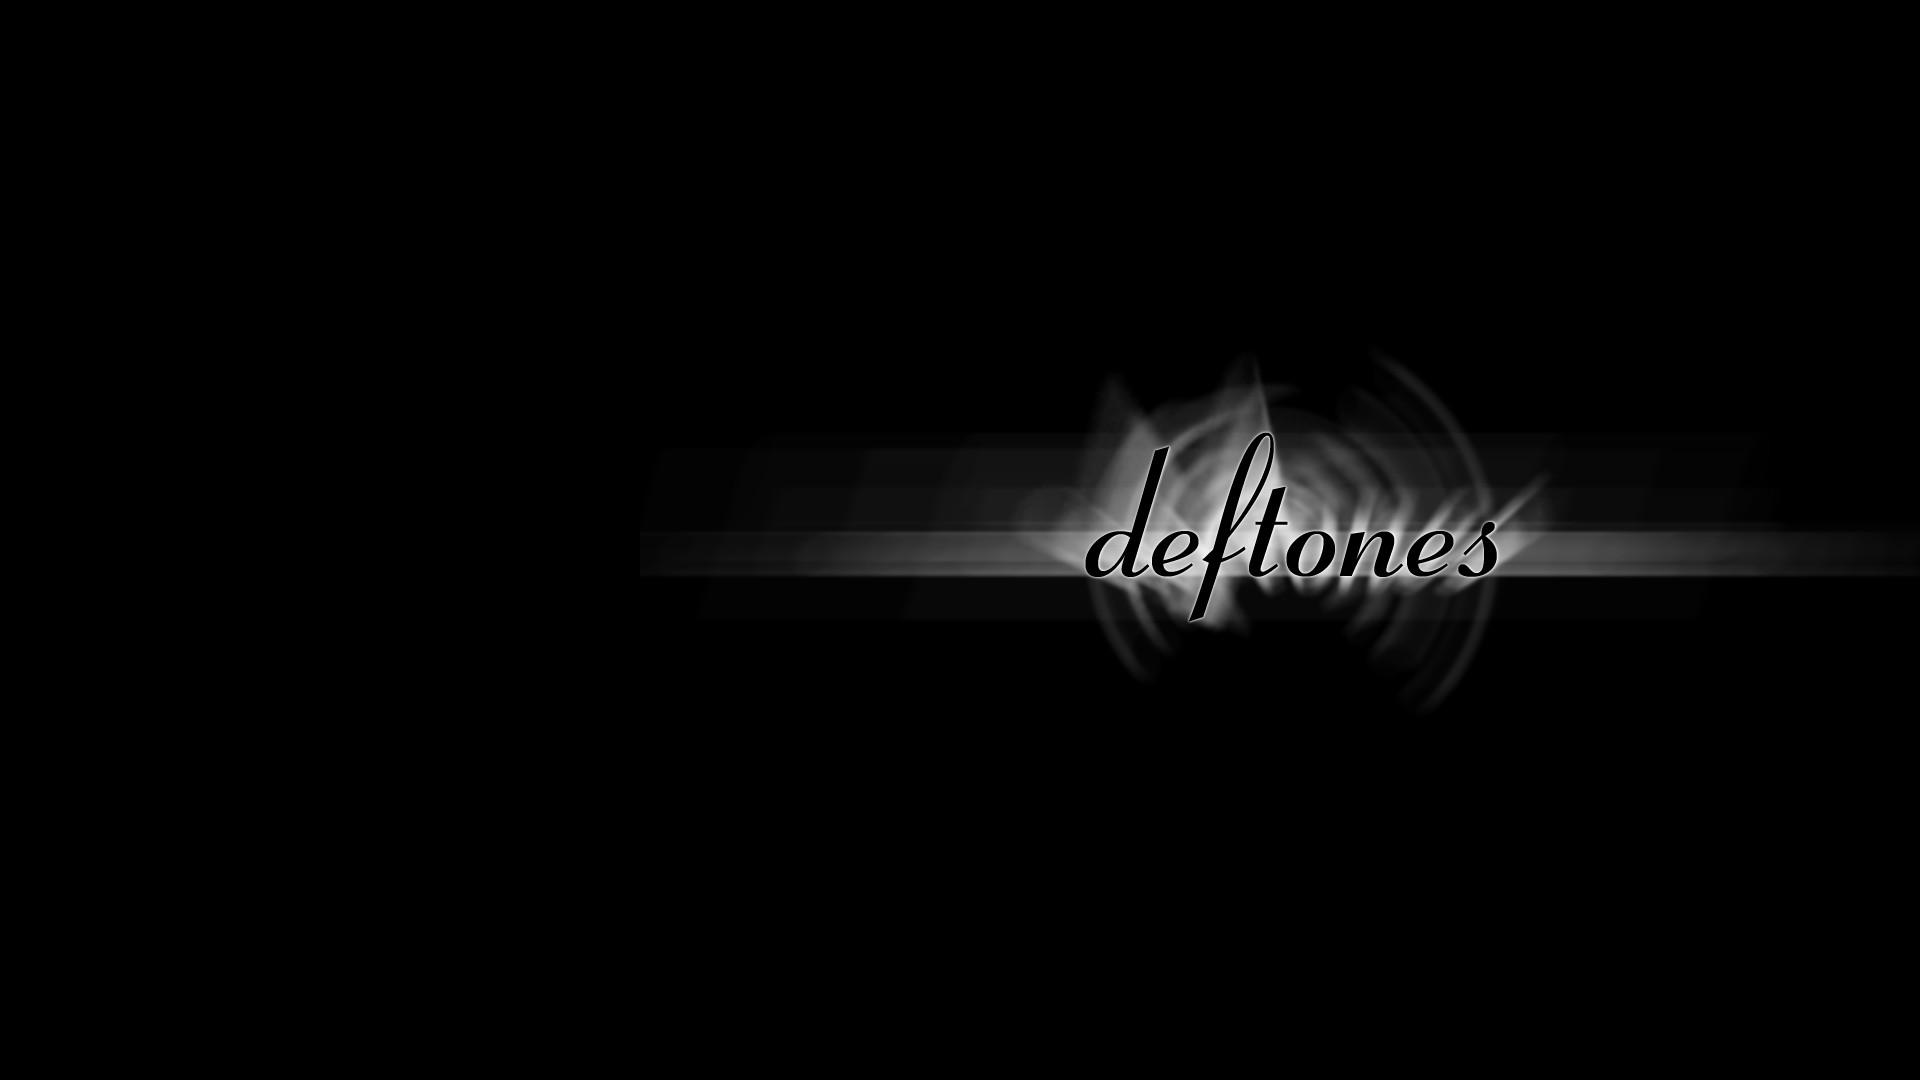 Deftones Wallpapers – Wallpaper Cave